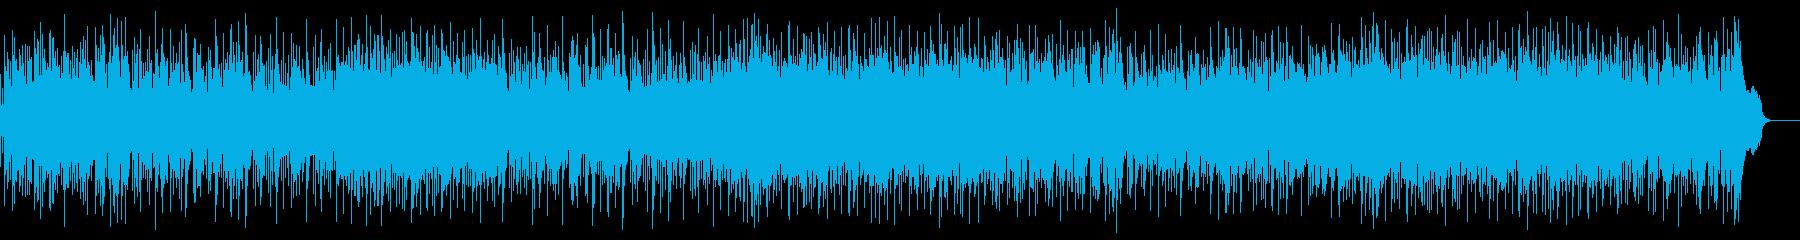 メロウなフュージョン(フルサイズ)の再生済みの波形